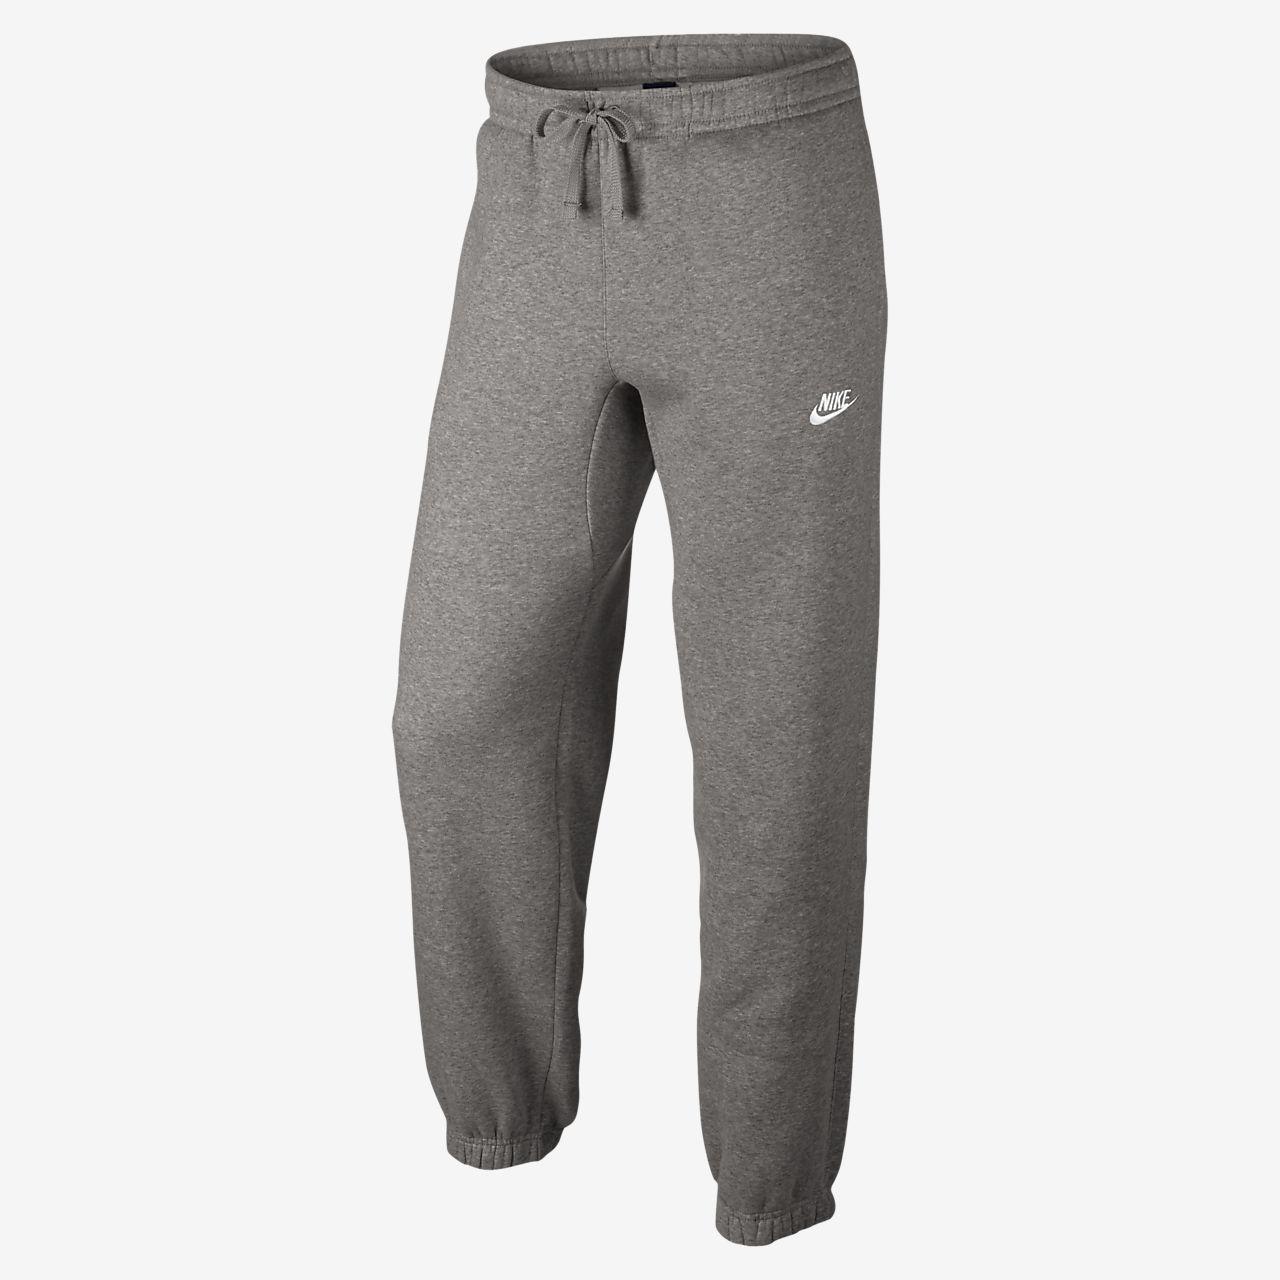 Spodnie męskie o standardowym kroju Nike Sportswear